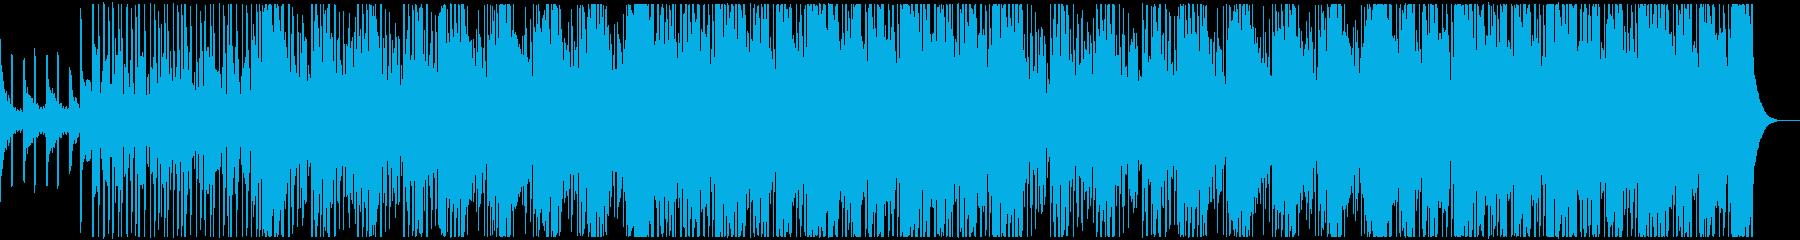 明るくリズミカルなガールズK-POPの再生済みの波形